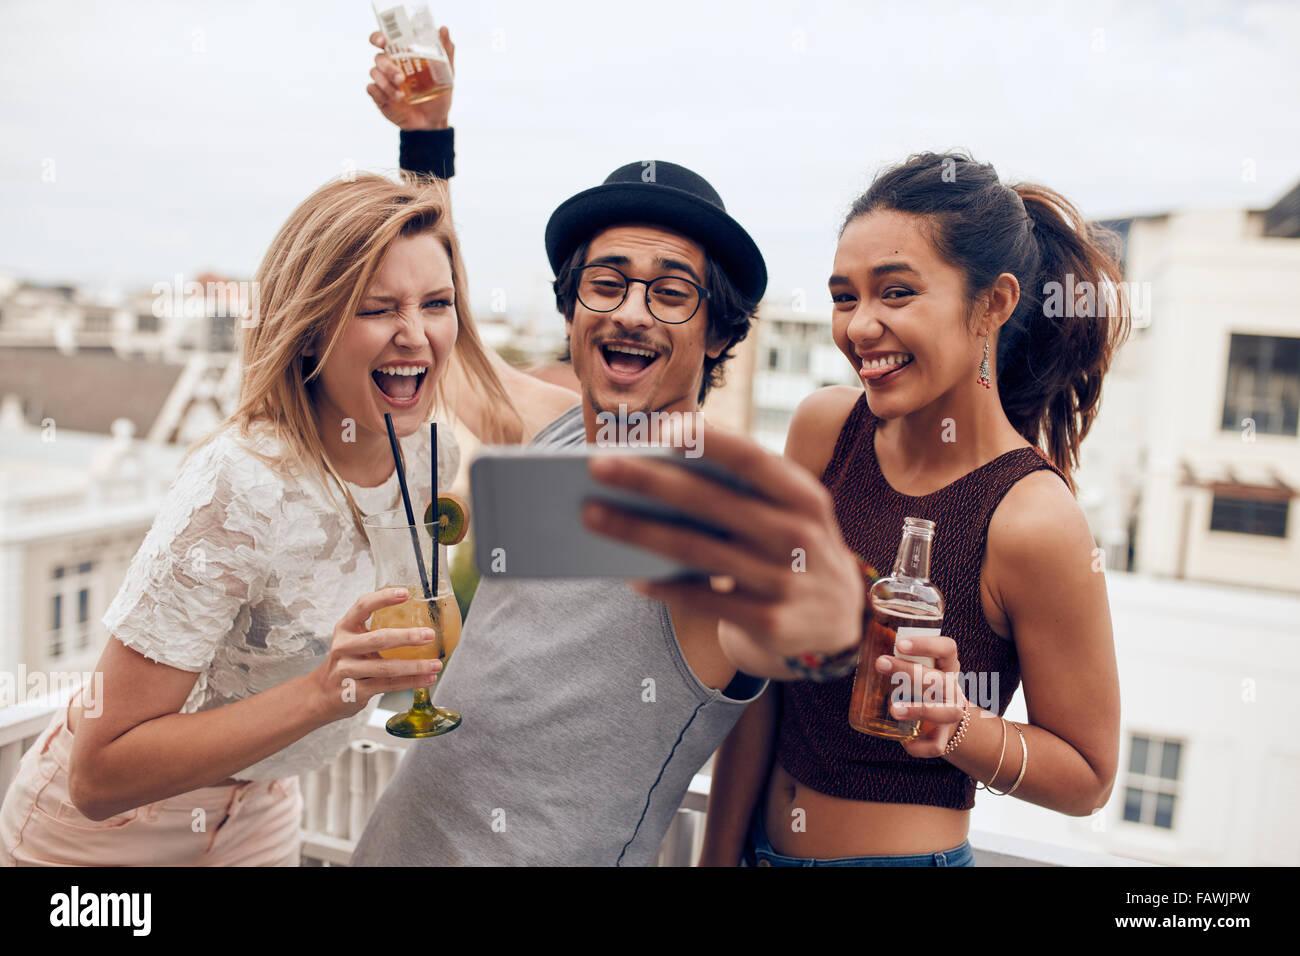 Un pequeño grupo de amigos tomando selfie en un teléfono móvil. El hombre y la mujer joven con bebidas Imagen De Stock